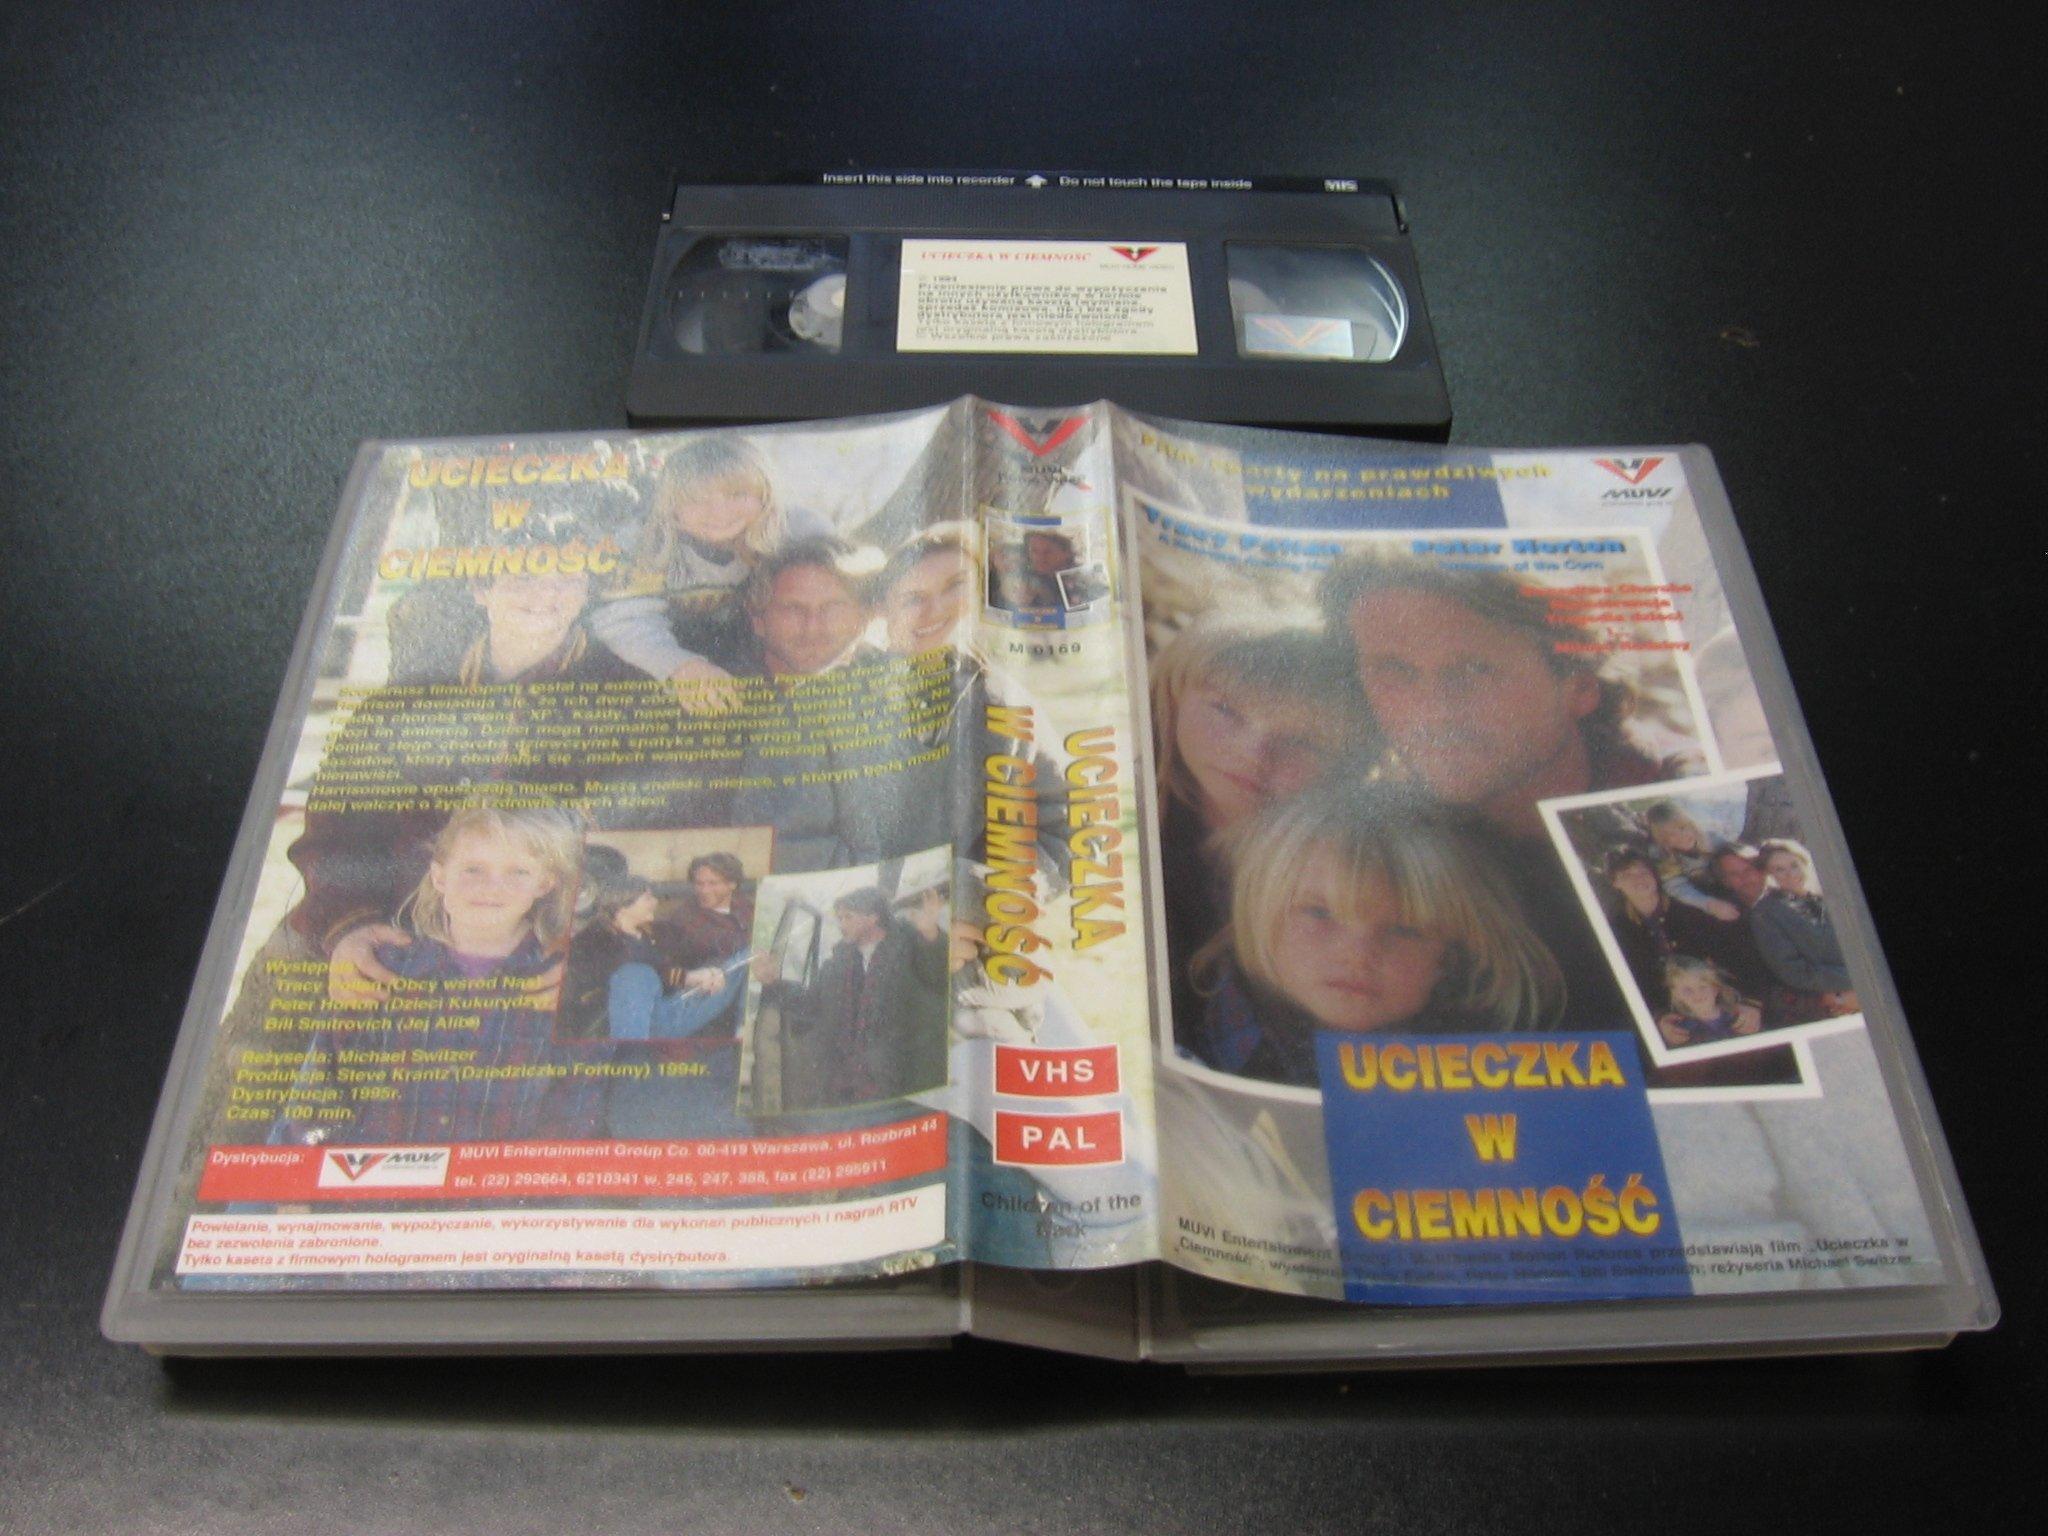 UCIECZKA W CIEMNOŚĆ ```````````` VHS ```````````` Opole 0405